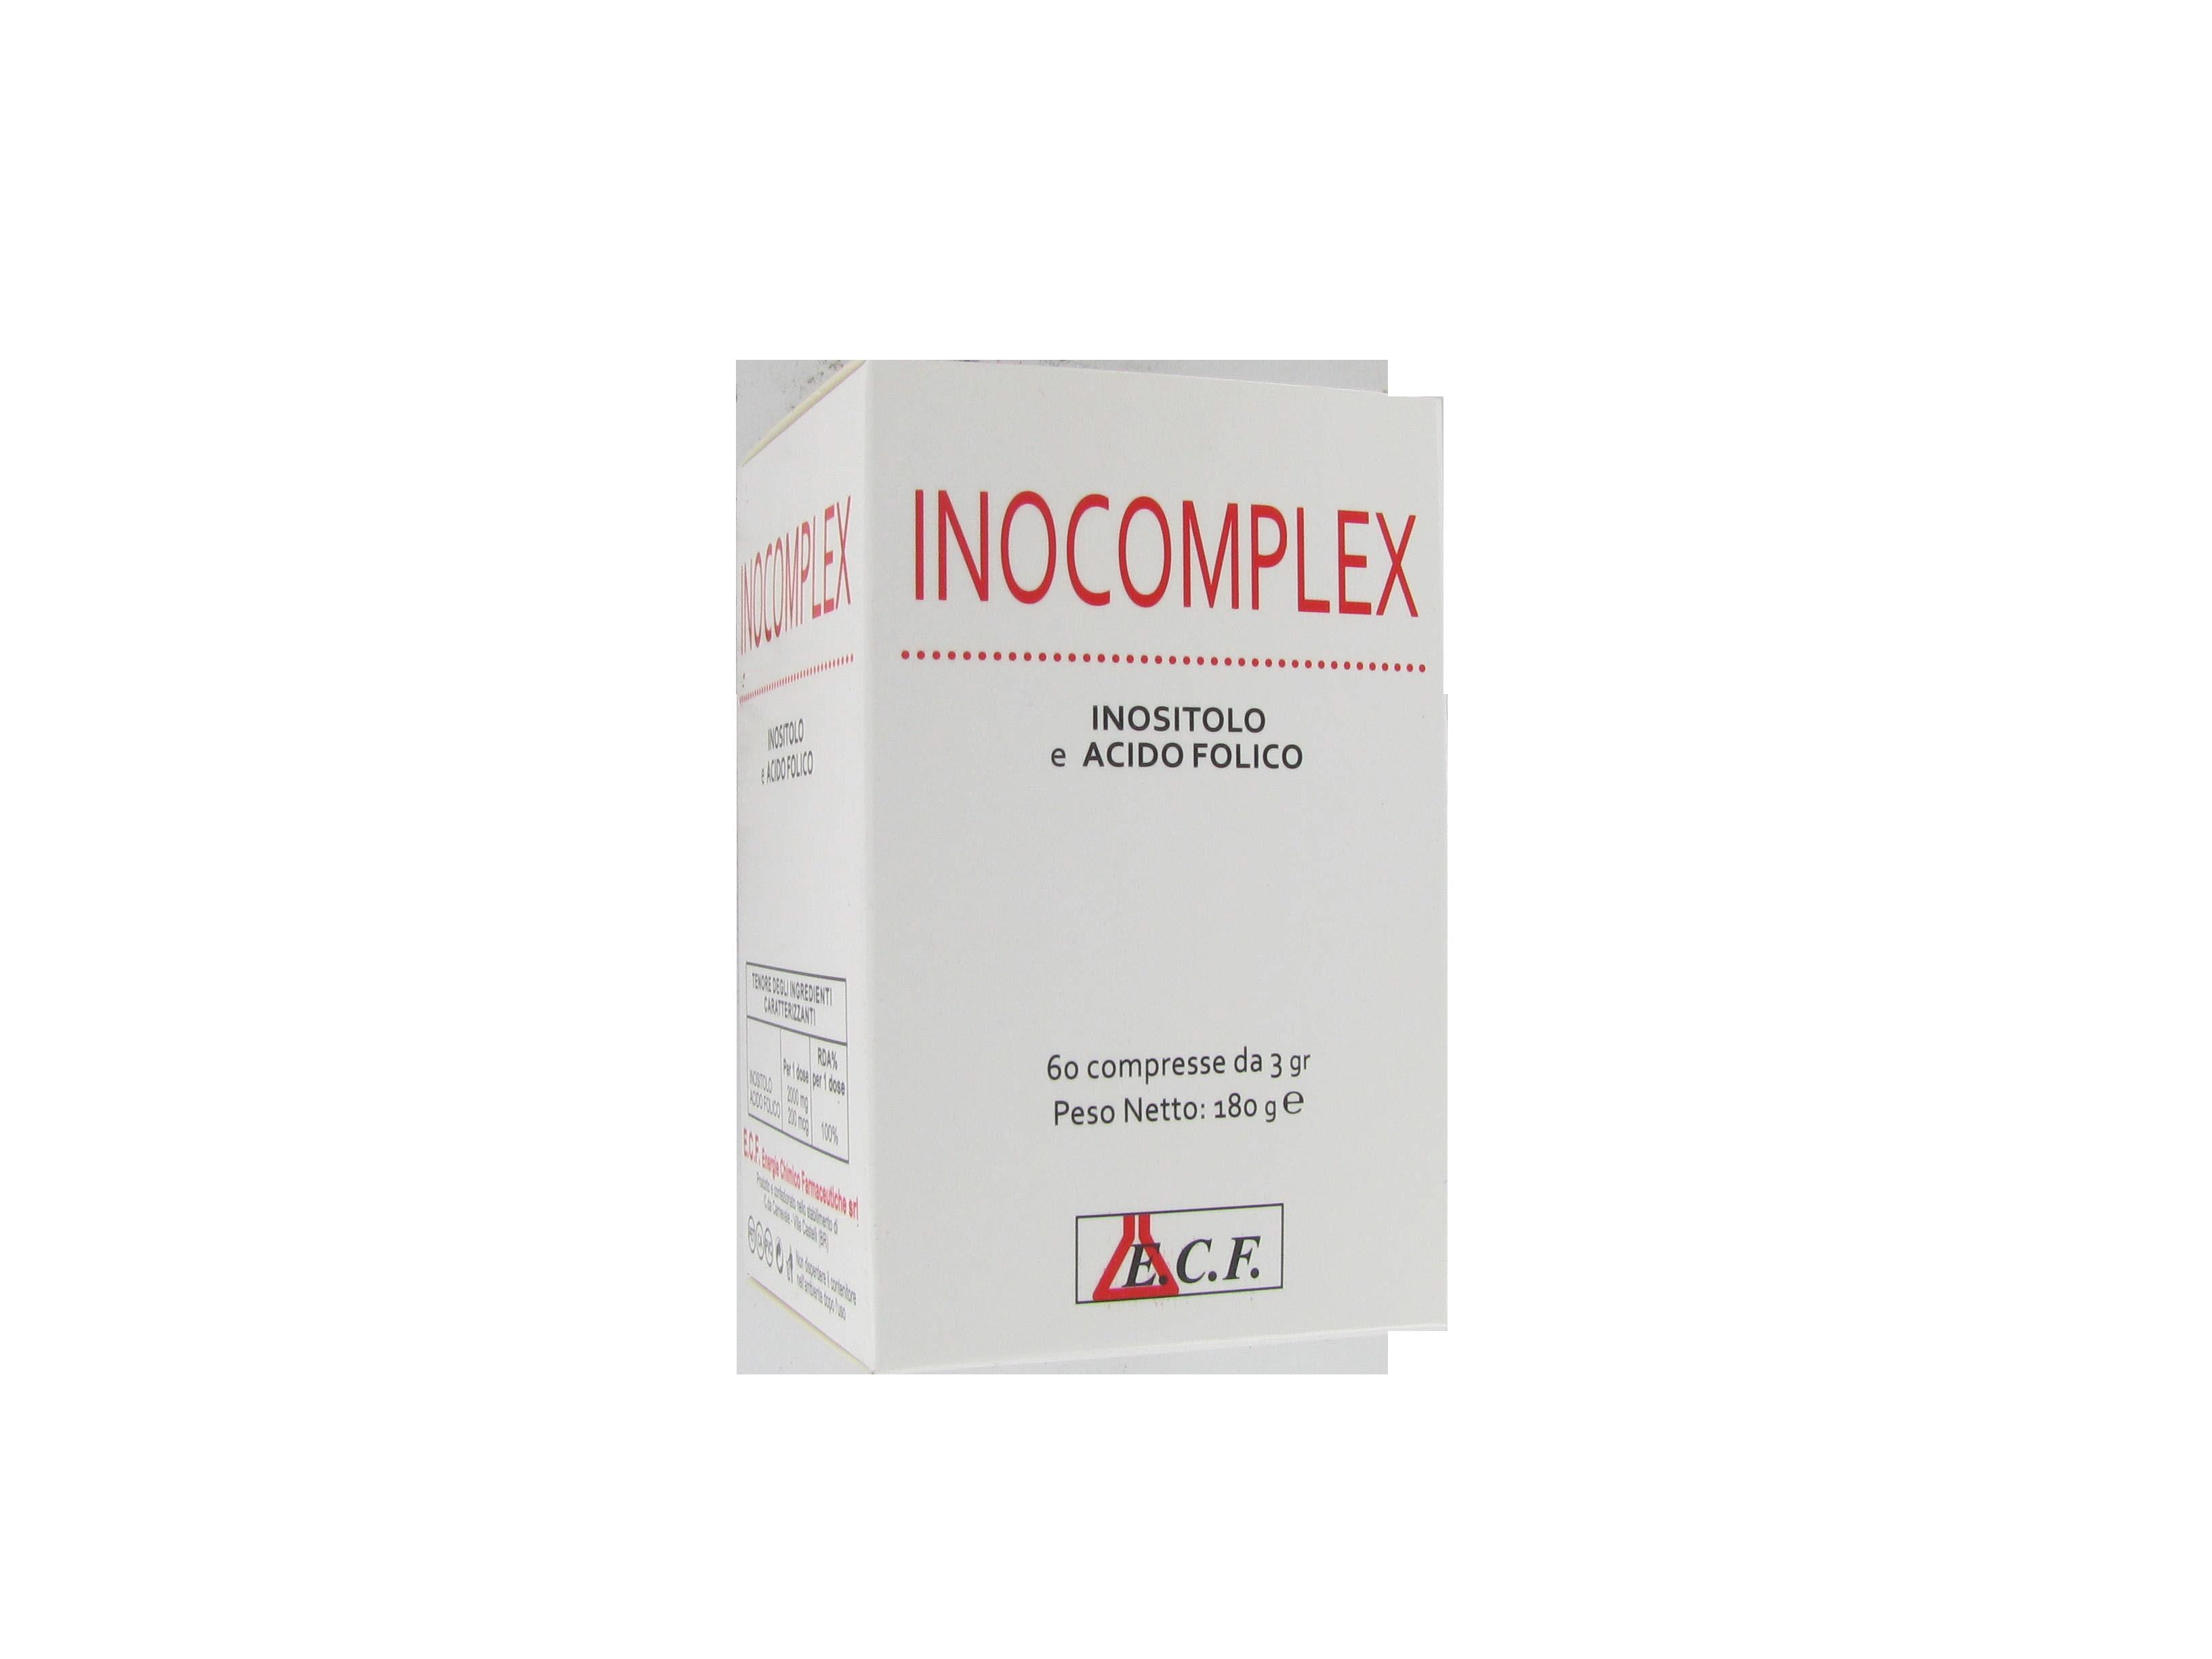 inocomplex integratore alimentare di inositolo ed acido folico, coadiuvante nel trattamento della